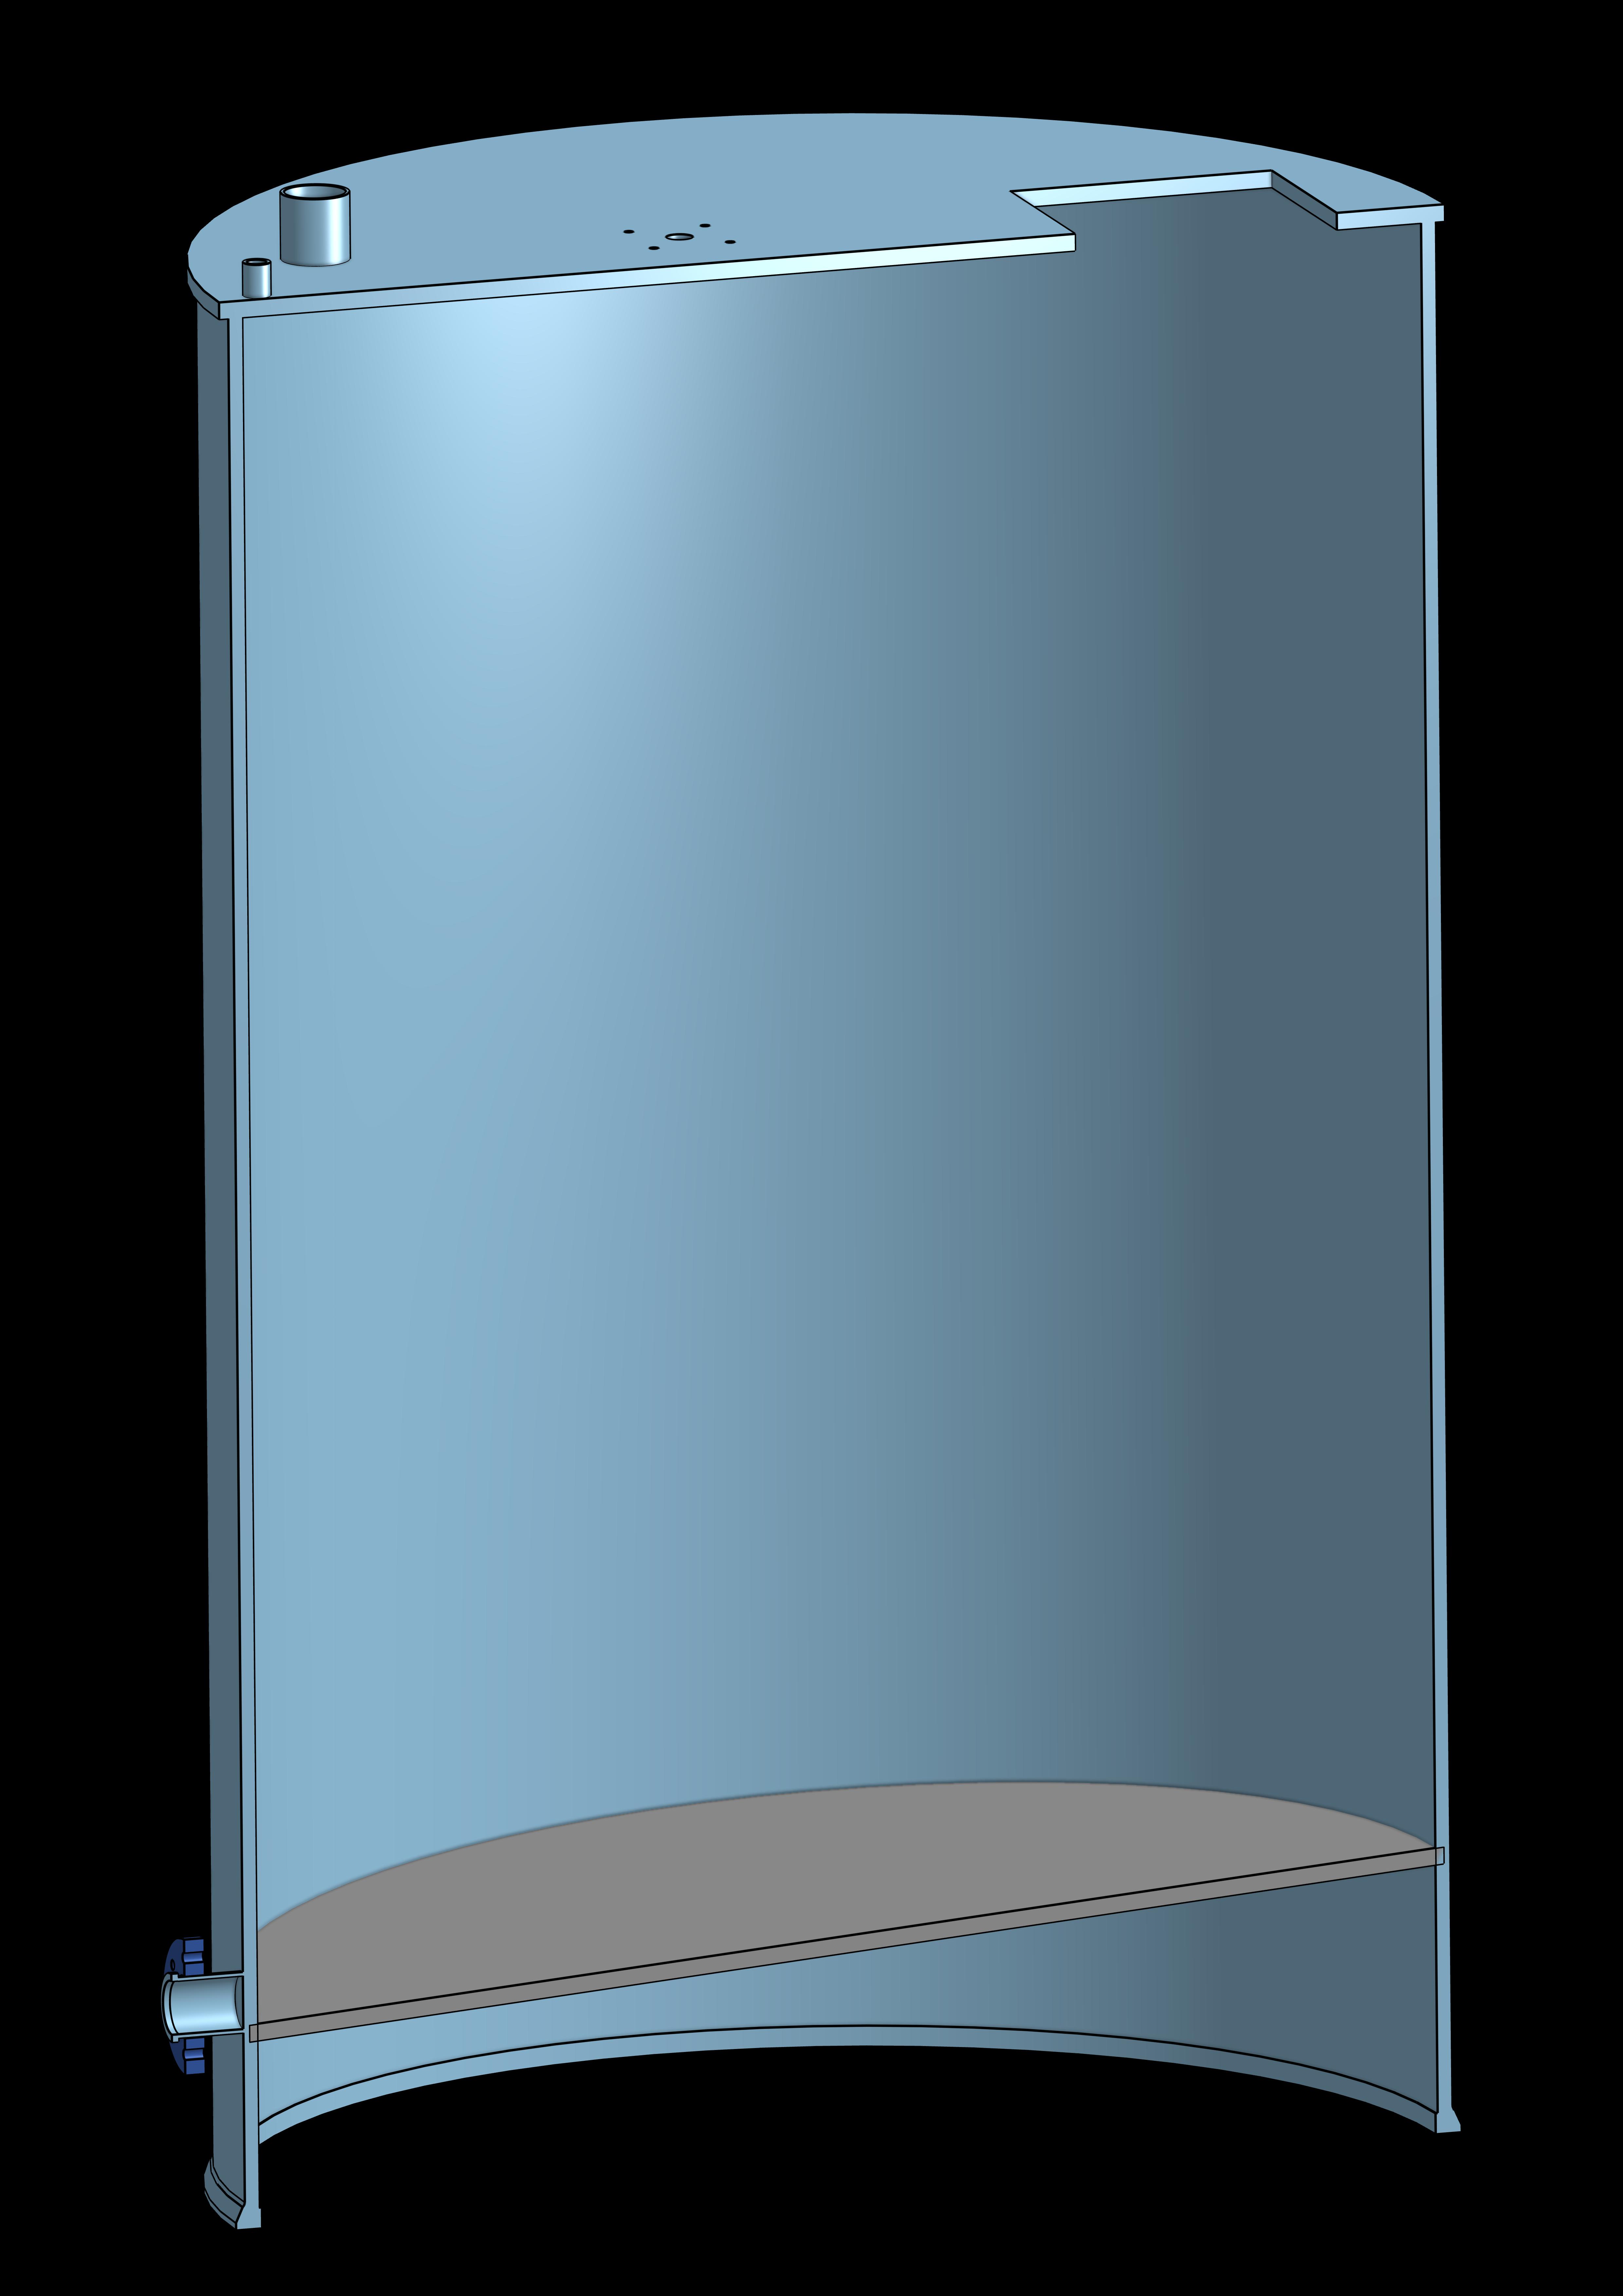 zbiorniki procesowe do zakładu produkcyjnego chemii użytkowej